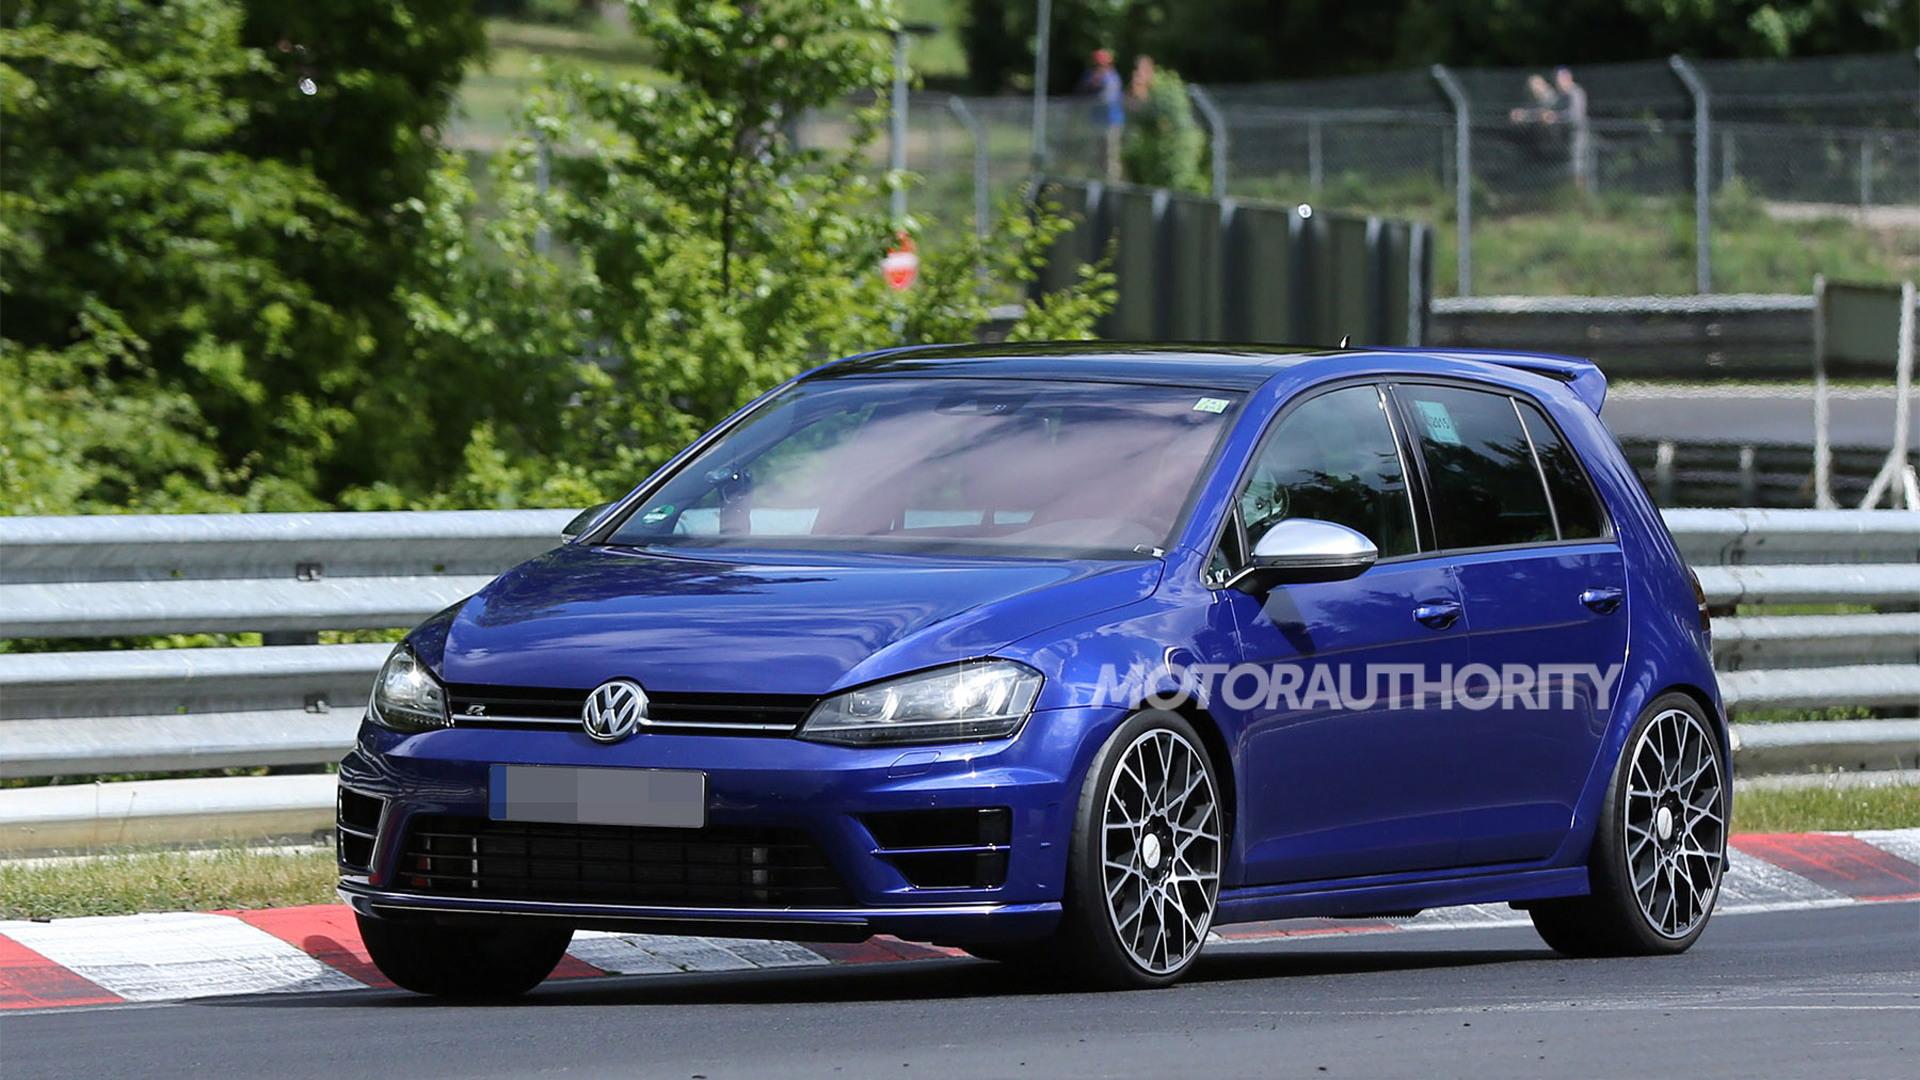 2017 Volkswagen Golf R 400 spy shots - Image via S. Baldauf/SB-Medien